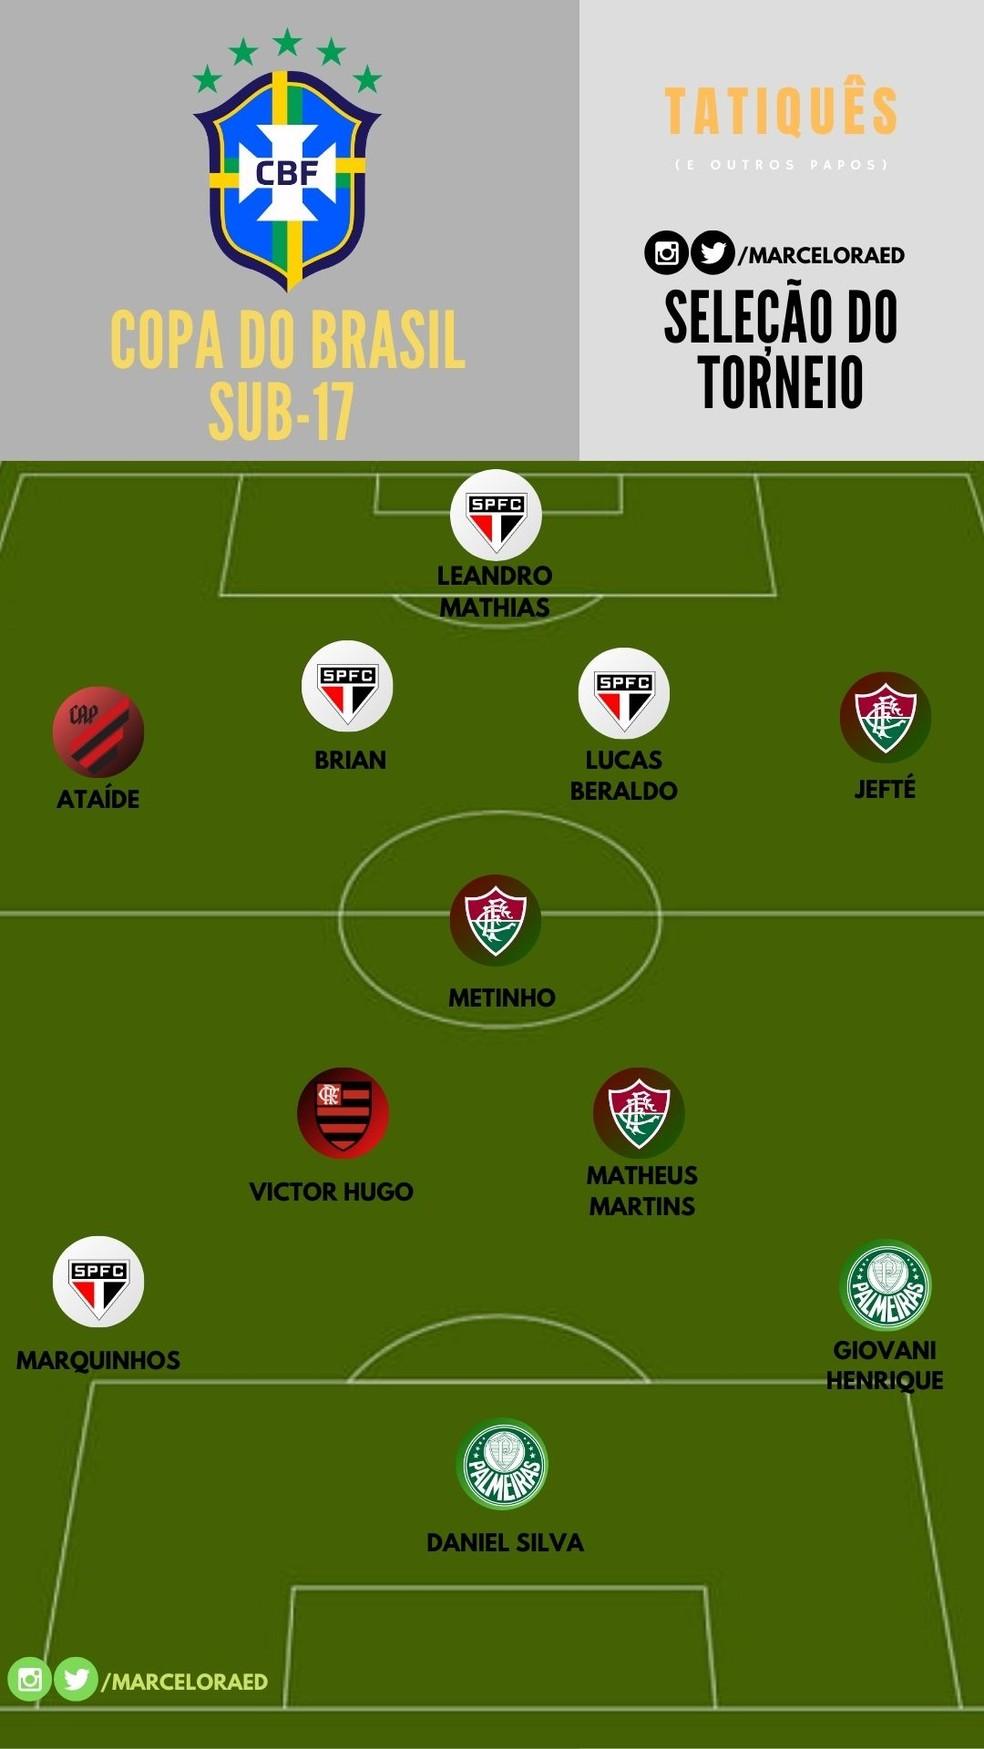 A Base Vem Como Veja Time Ideal Da Copa Do Brasil Sub 17 Tatiques E Outros Papos Ge